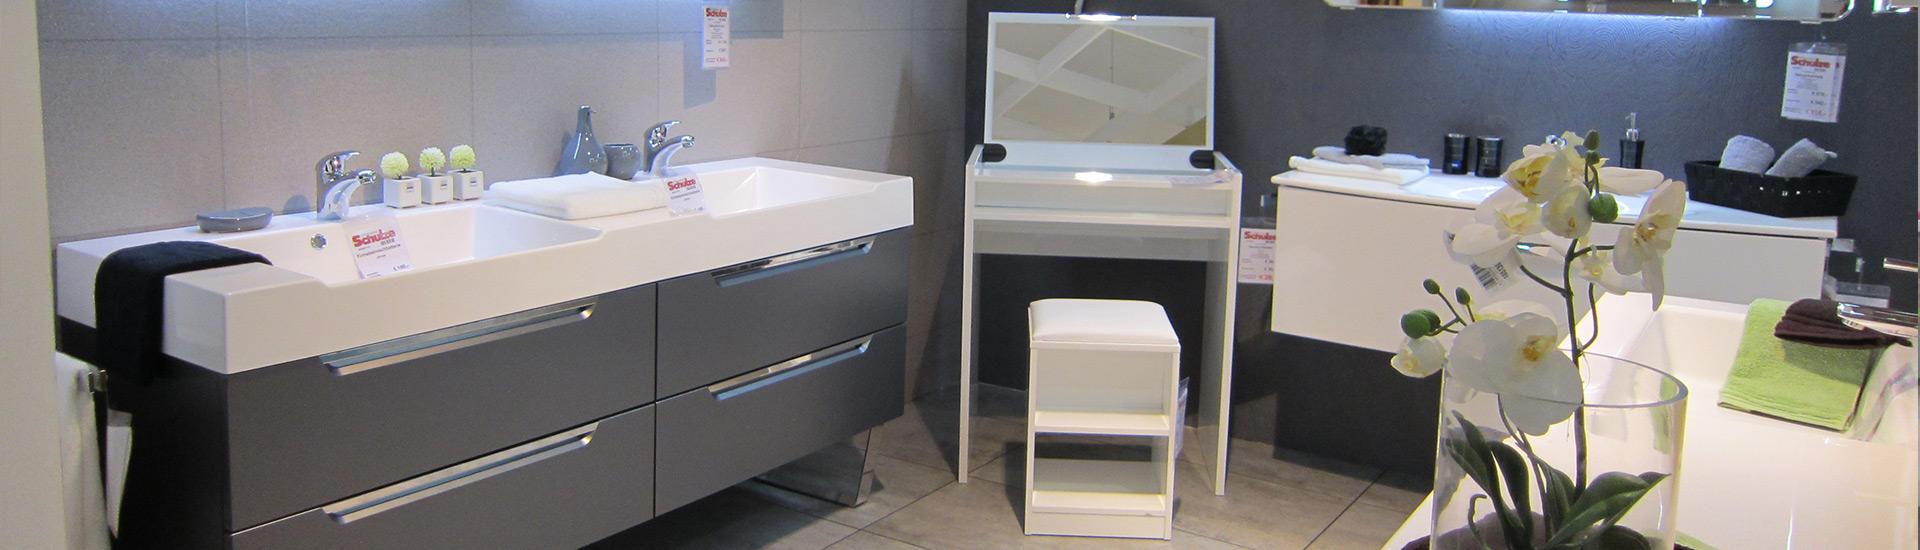 badm bel m bel schulze. Black Bedroom Furniture Sets. Home Design Ideas